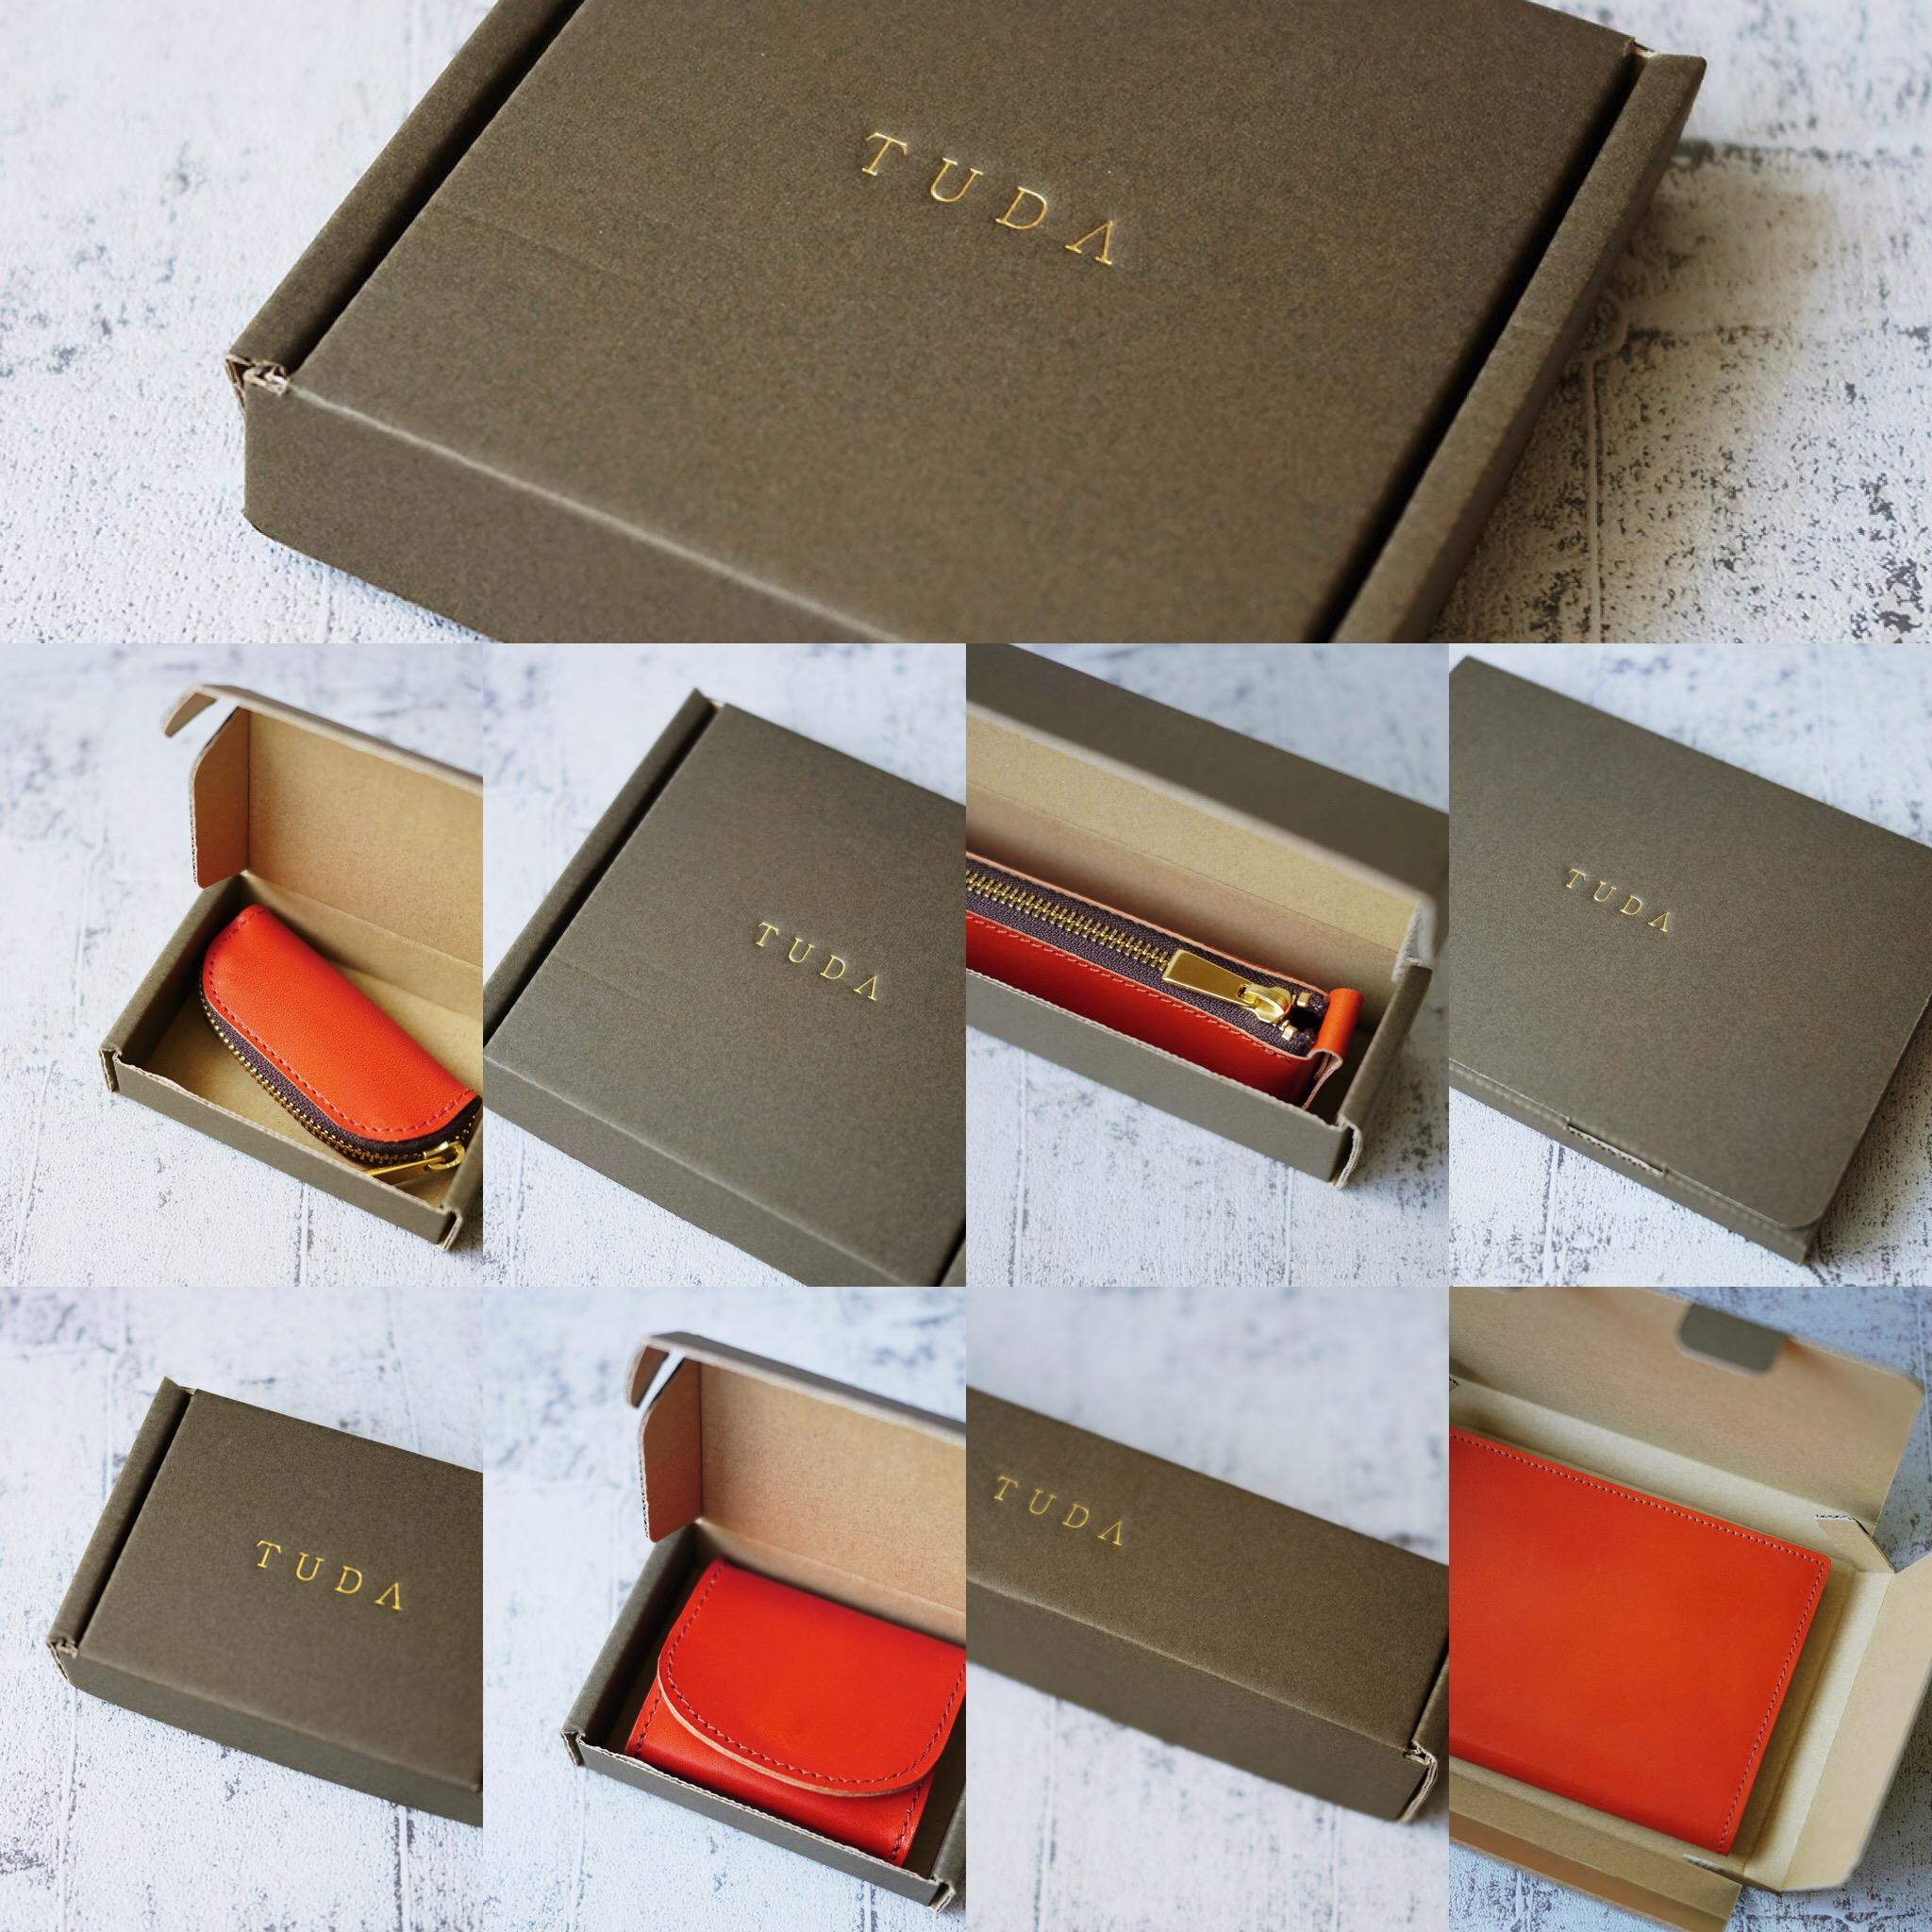 革小物にはギフトにも最適な箱をご用意しております。